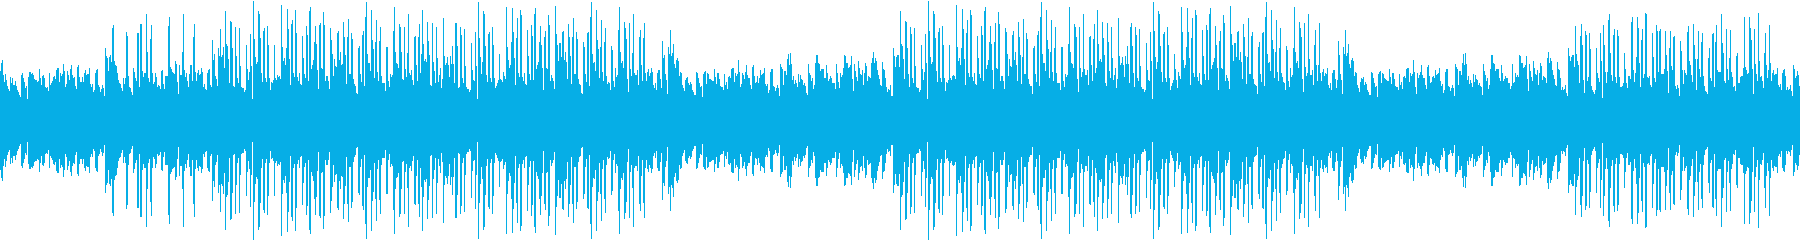 ピアノ・レトロ・感動・綺麗・別れ・ループの再生済みの波形